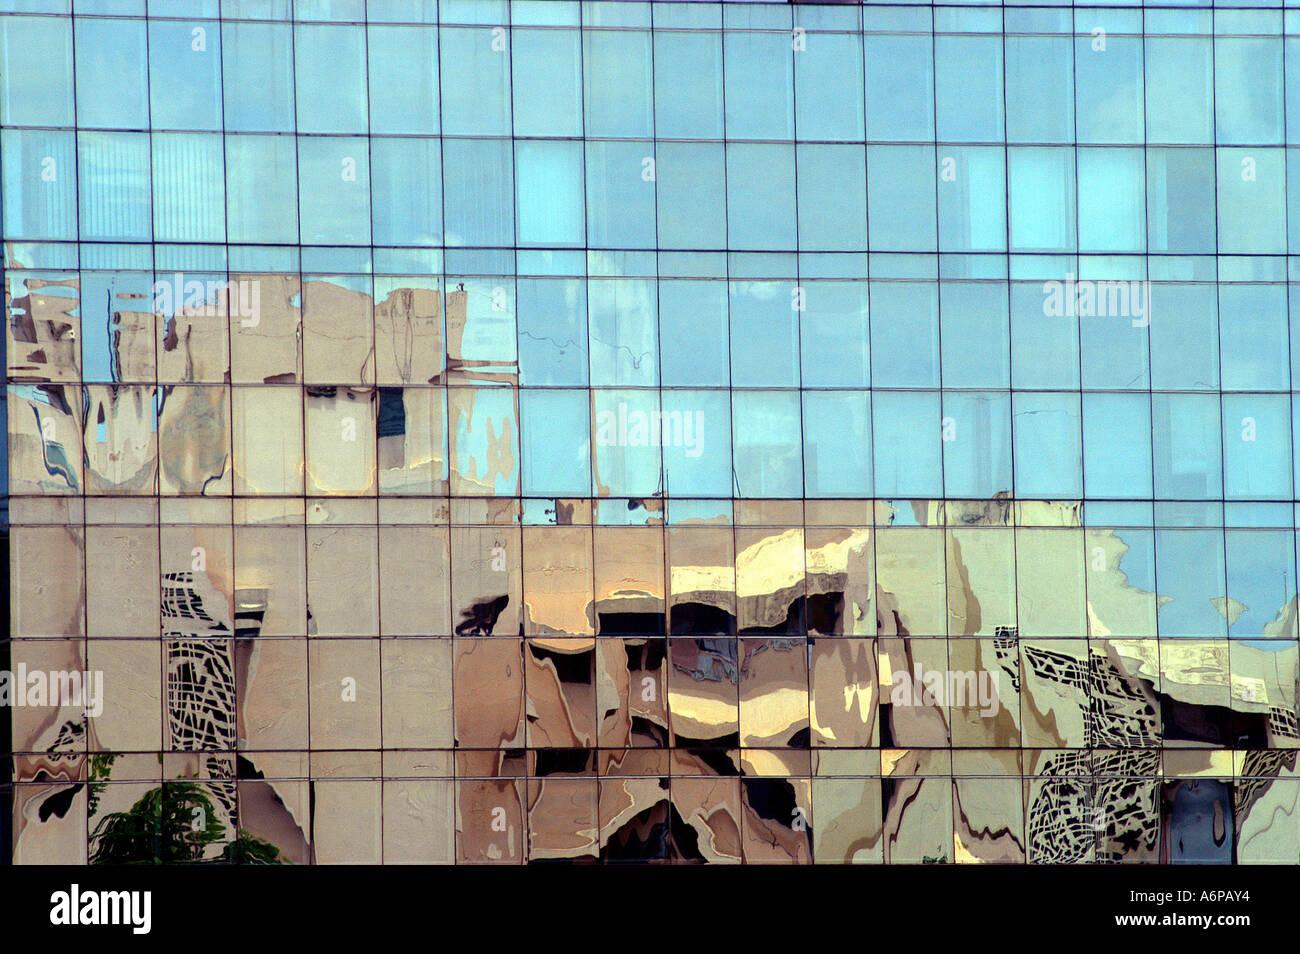 La réflexion sur la construction de l'édifice moderne en verre dans la ville de Bangalore Karnataka Inde Photo Stock